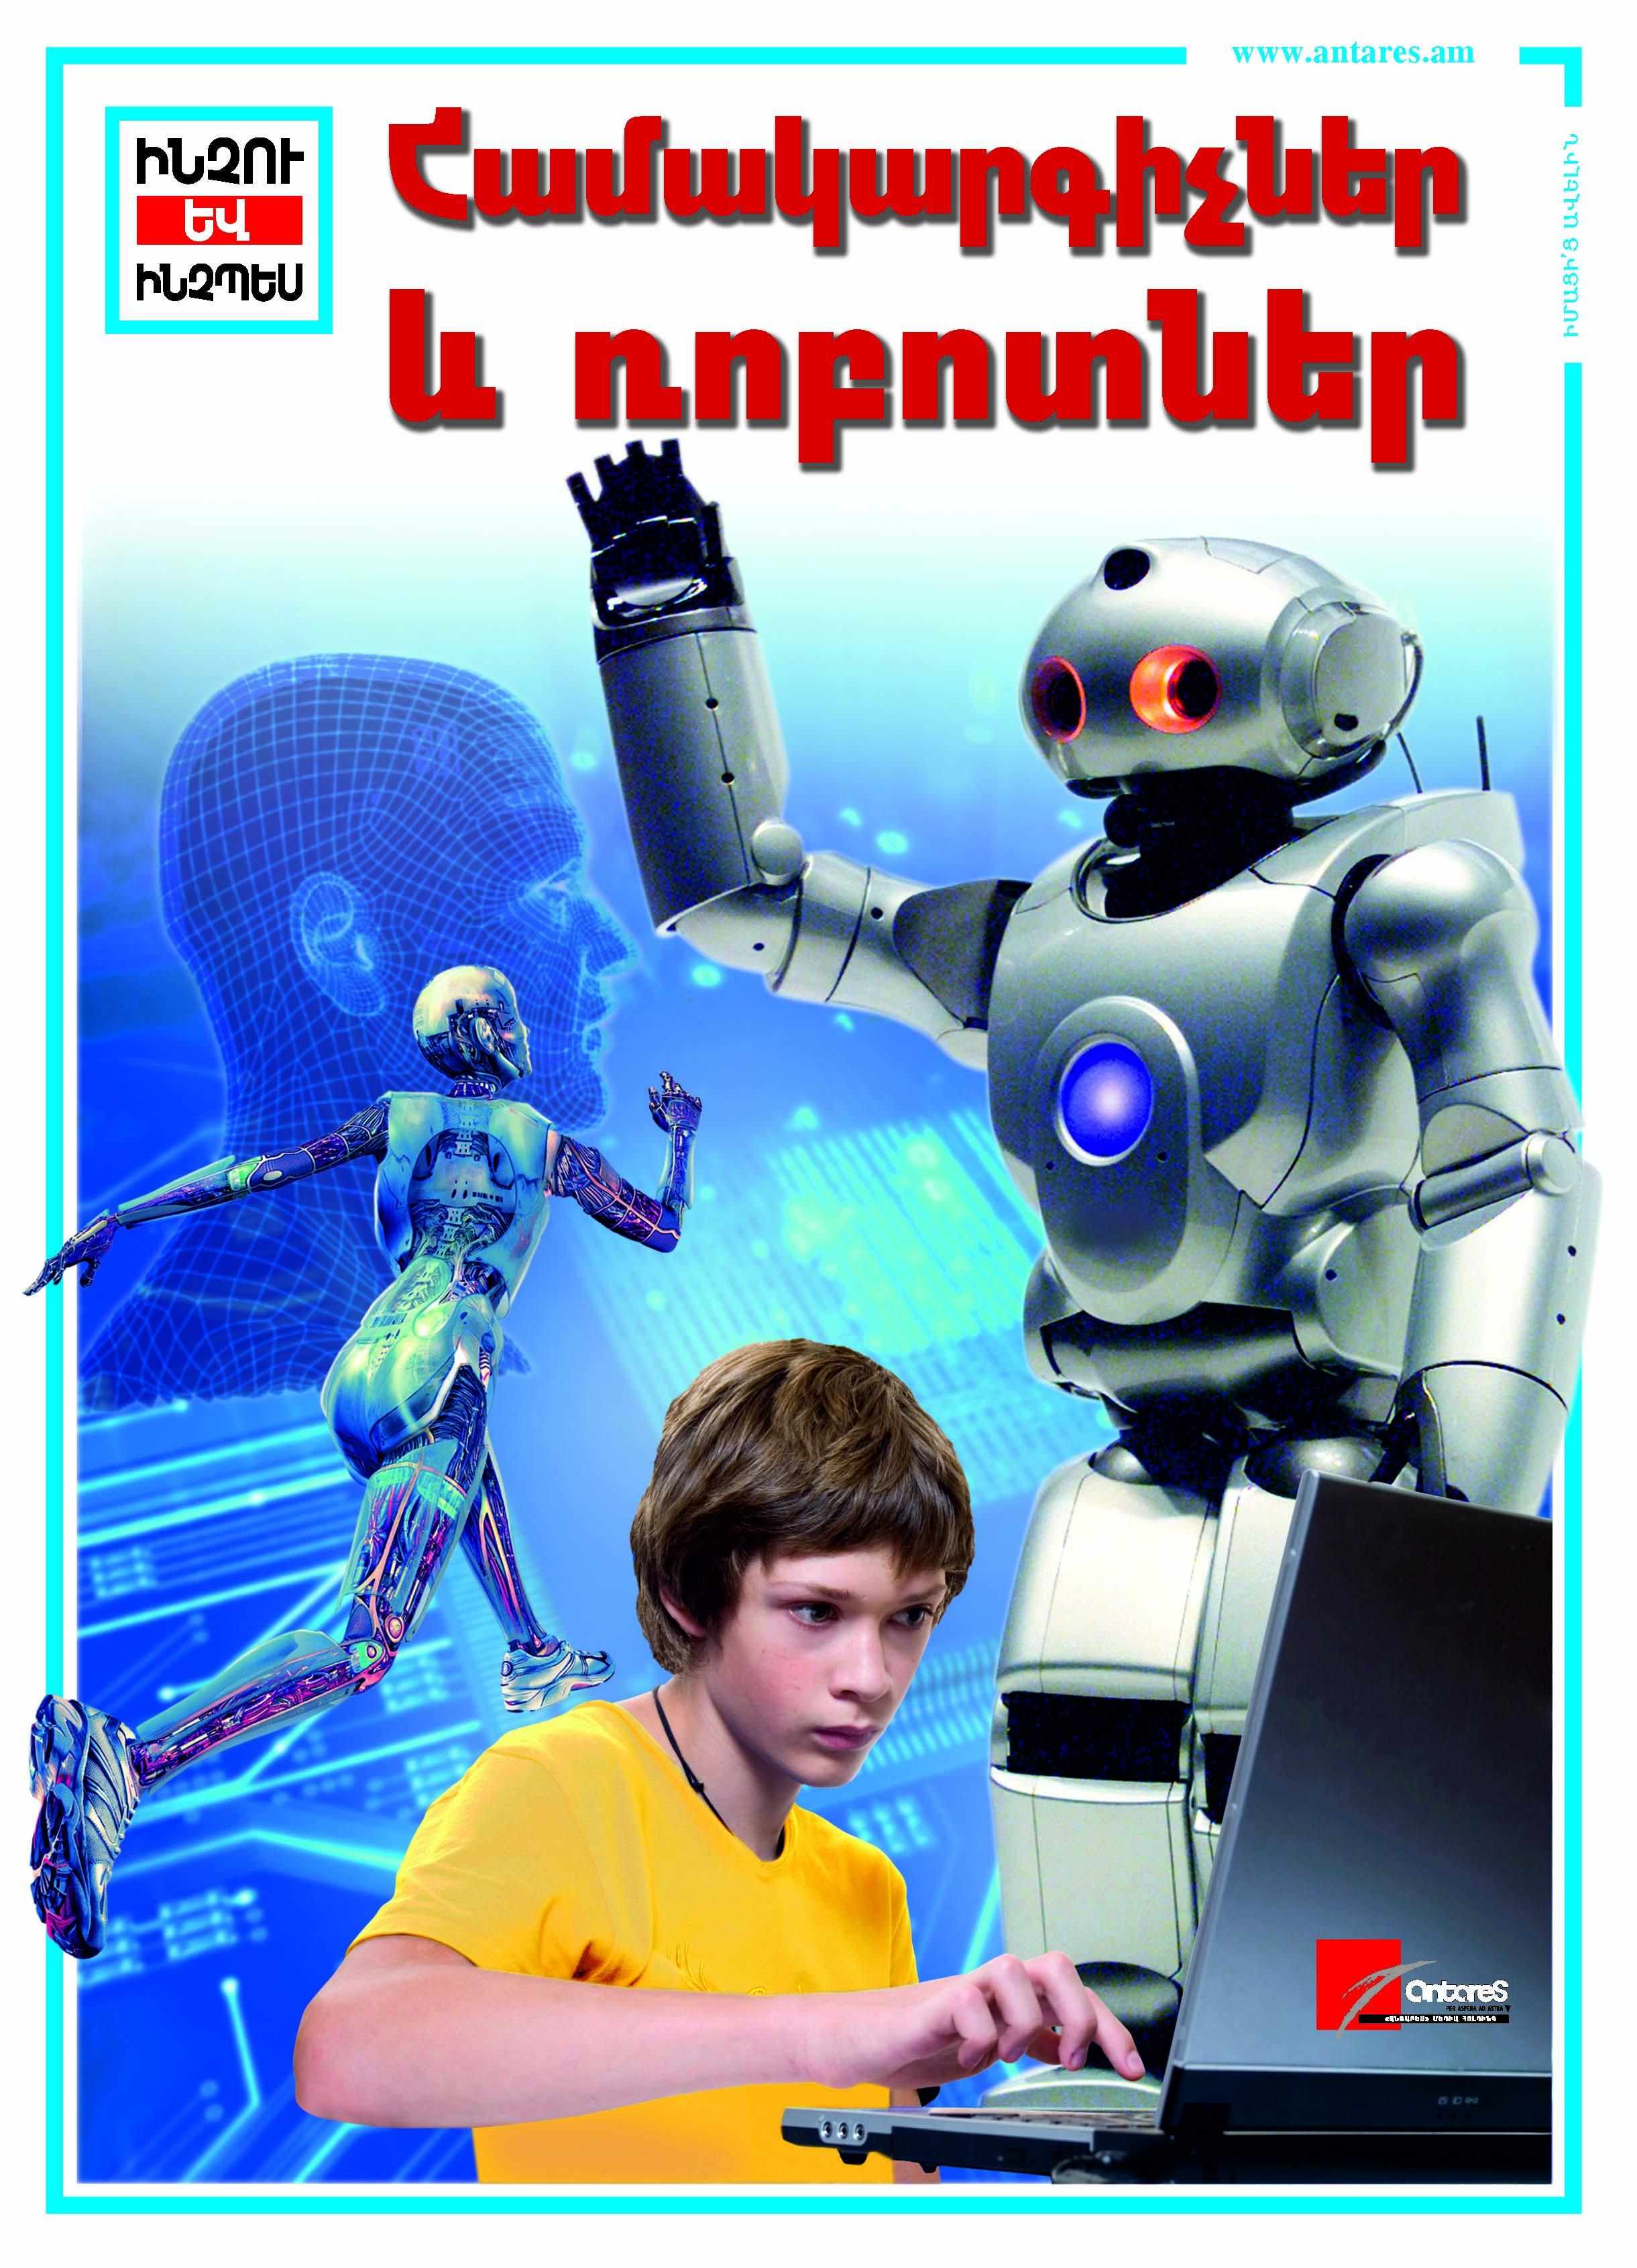 Robotner